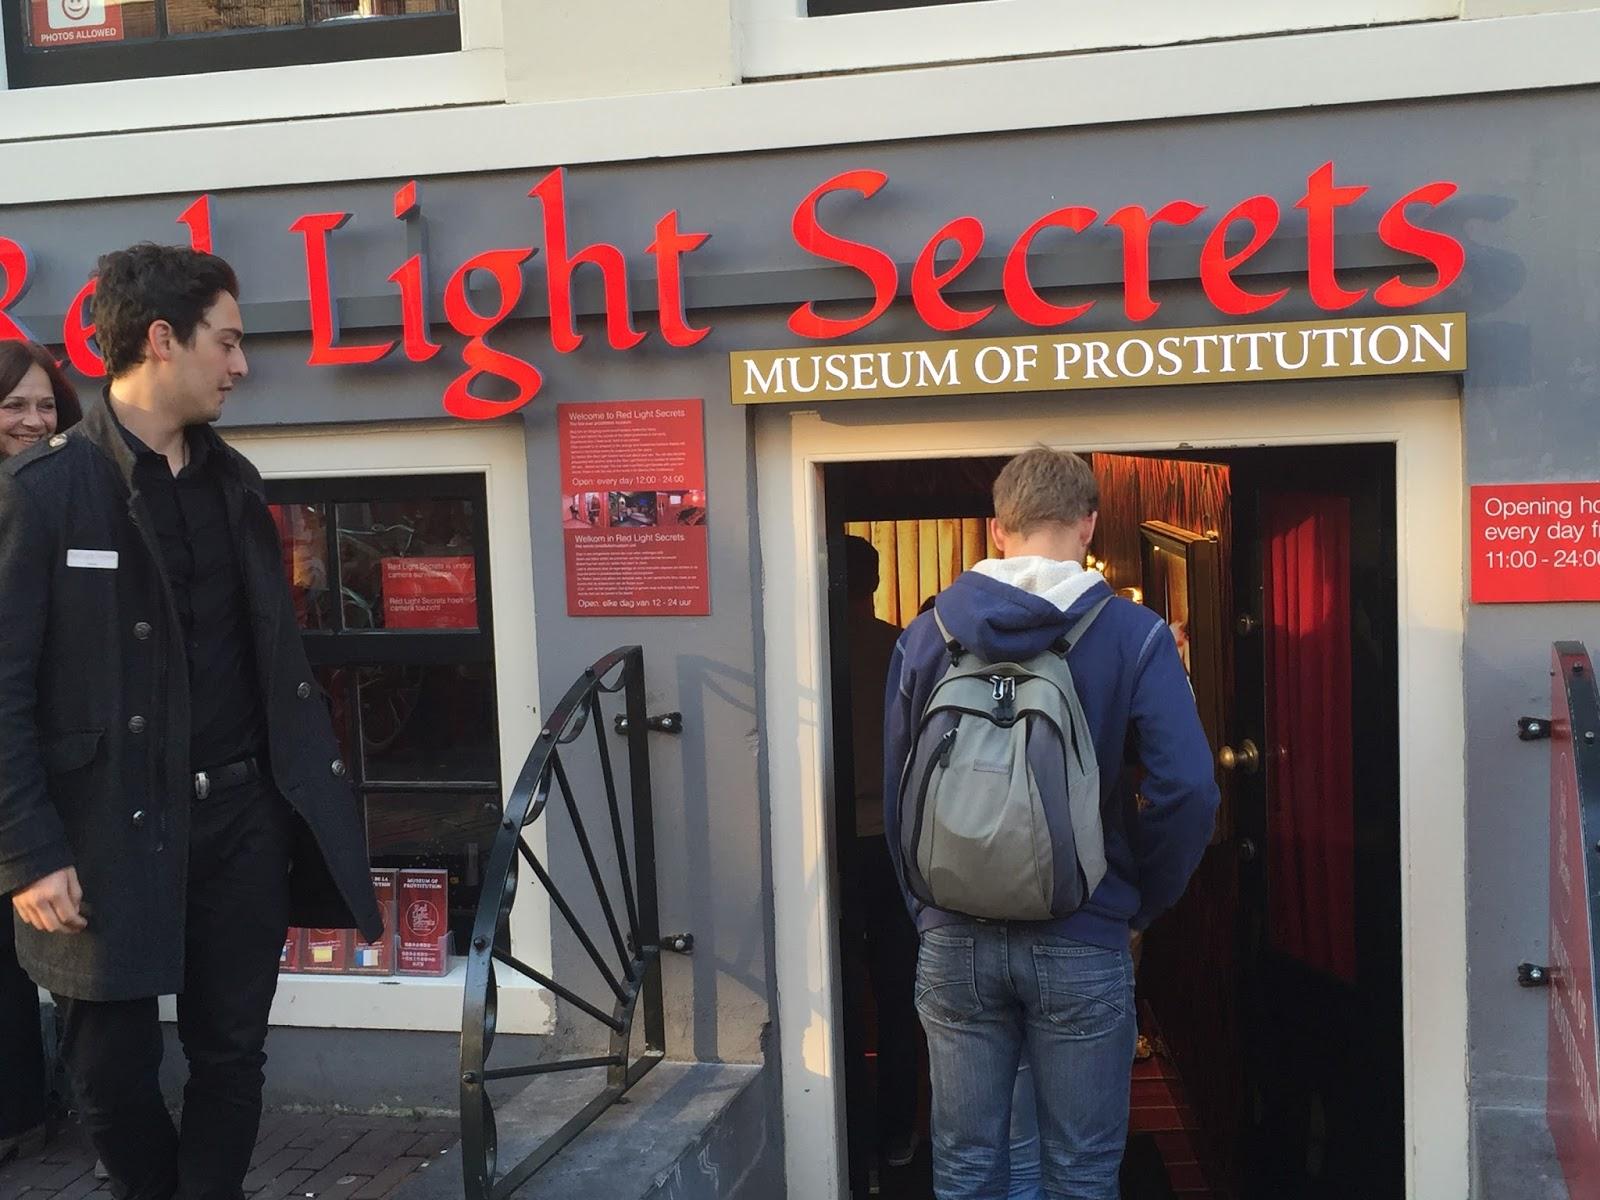 amsterdam prostitutas en escaparates legalizacion prostitución